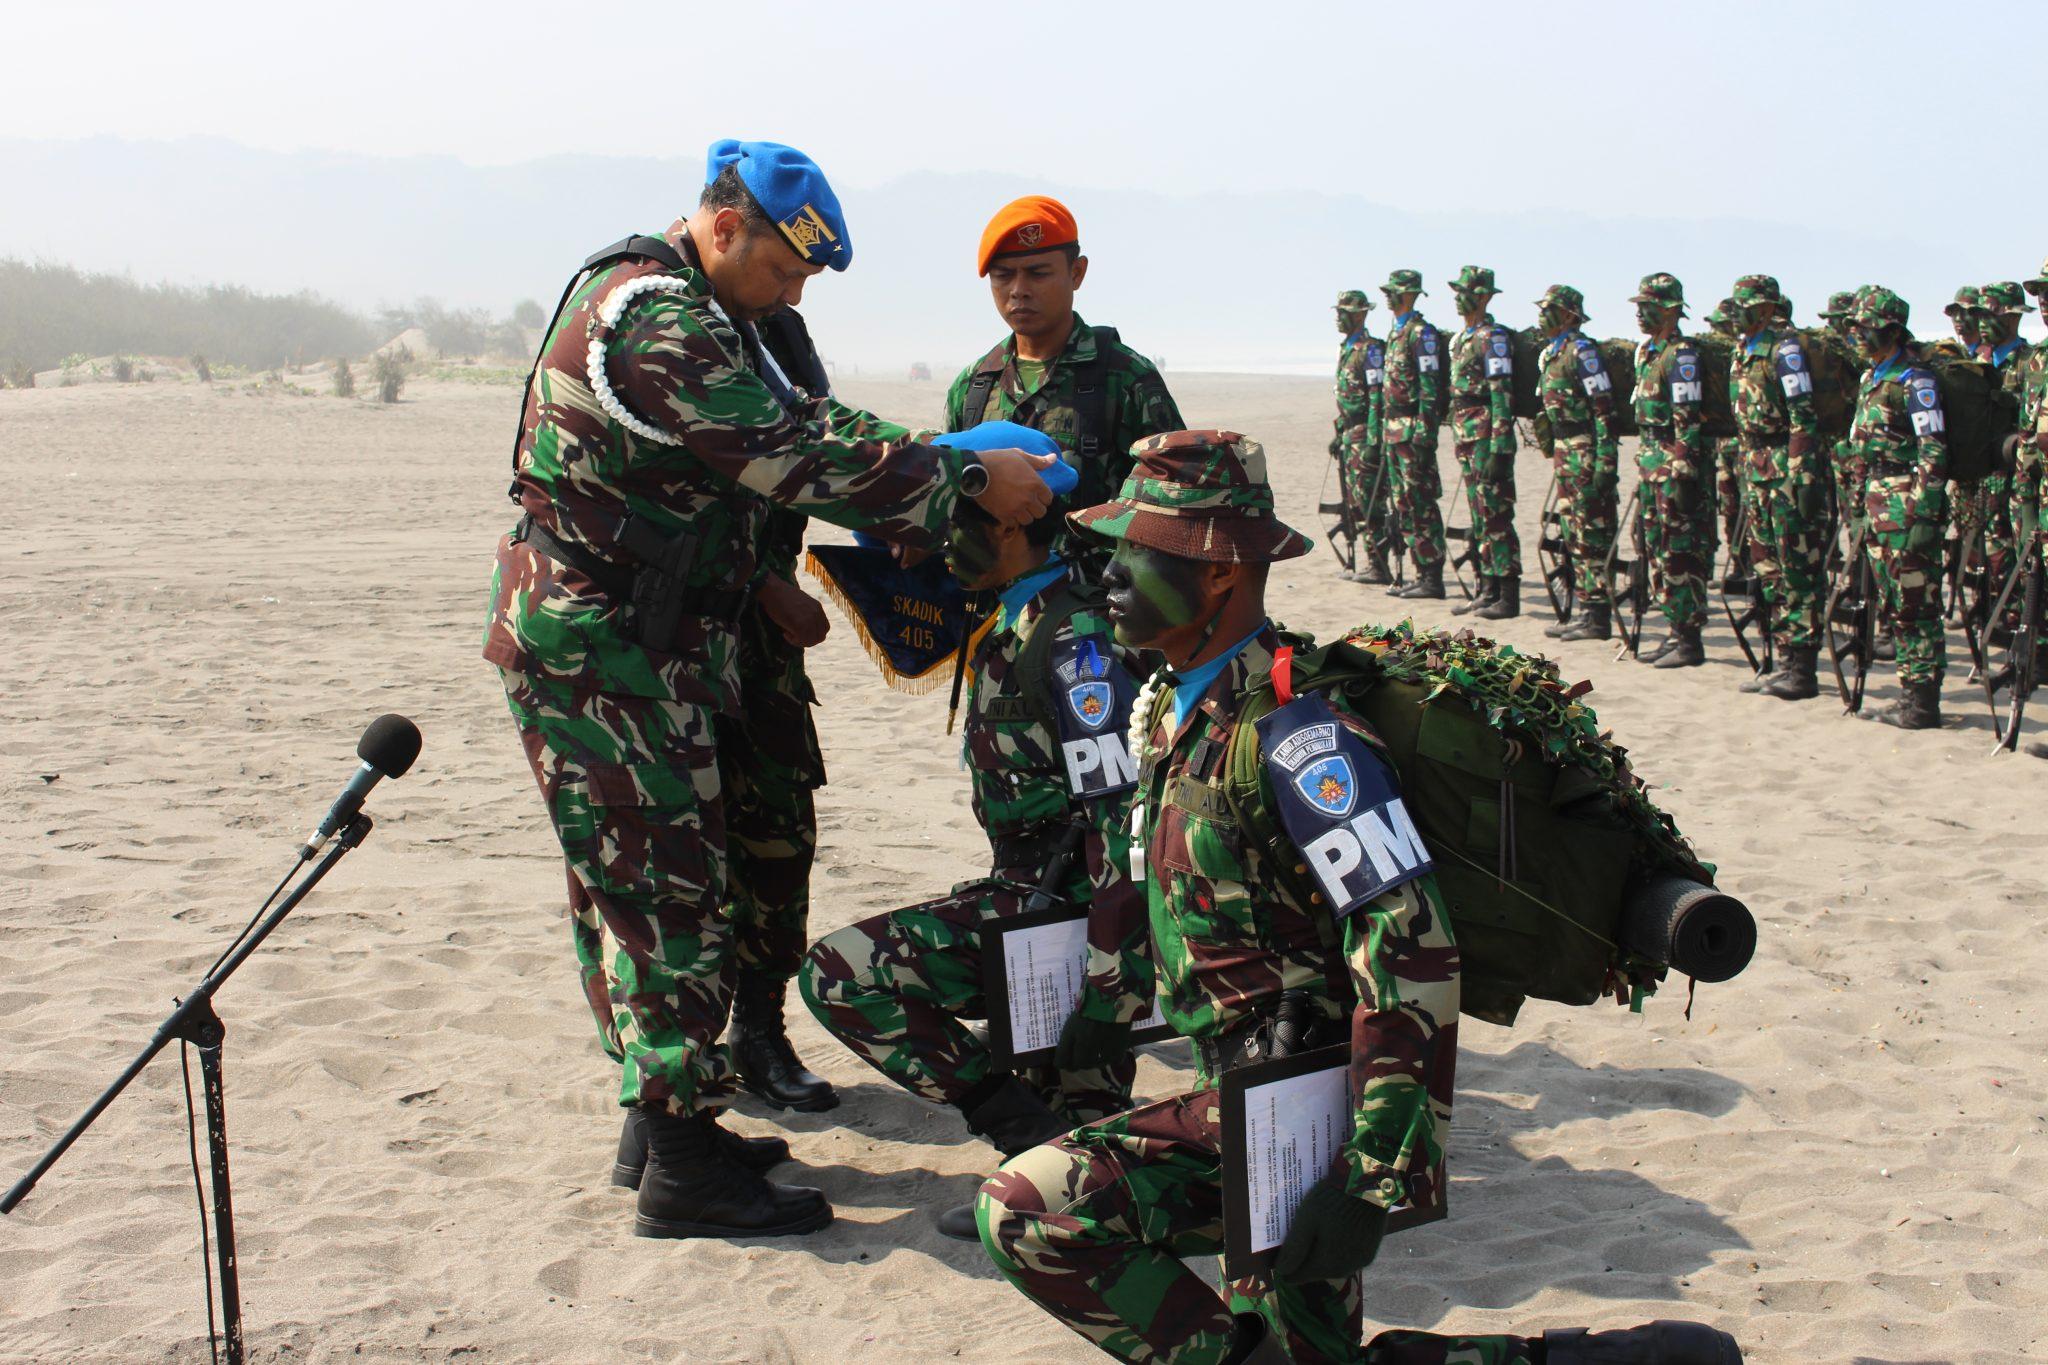 Sebanyak 72 Siswa Bintara Dan Tamtama TNI AU Menjadi Keluarga Besar Pomau